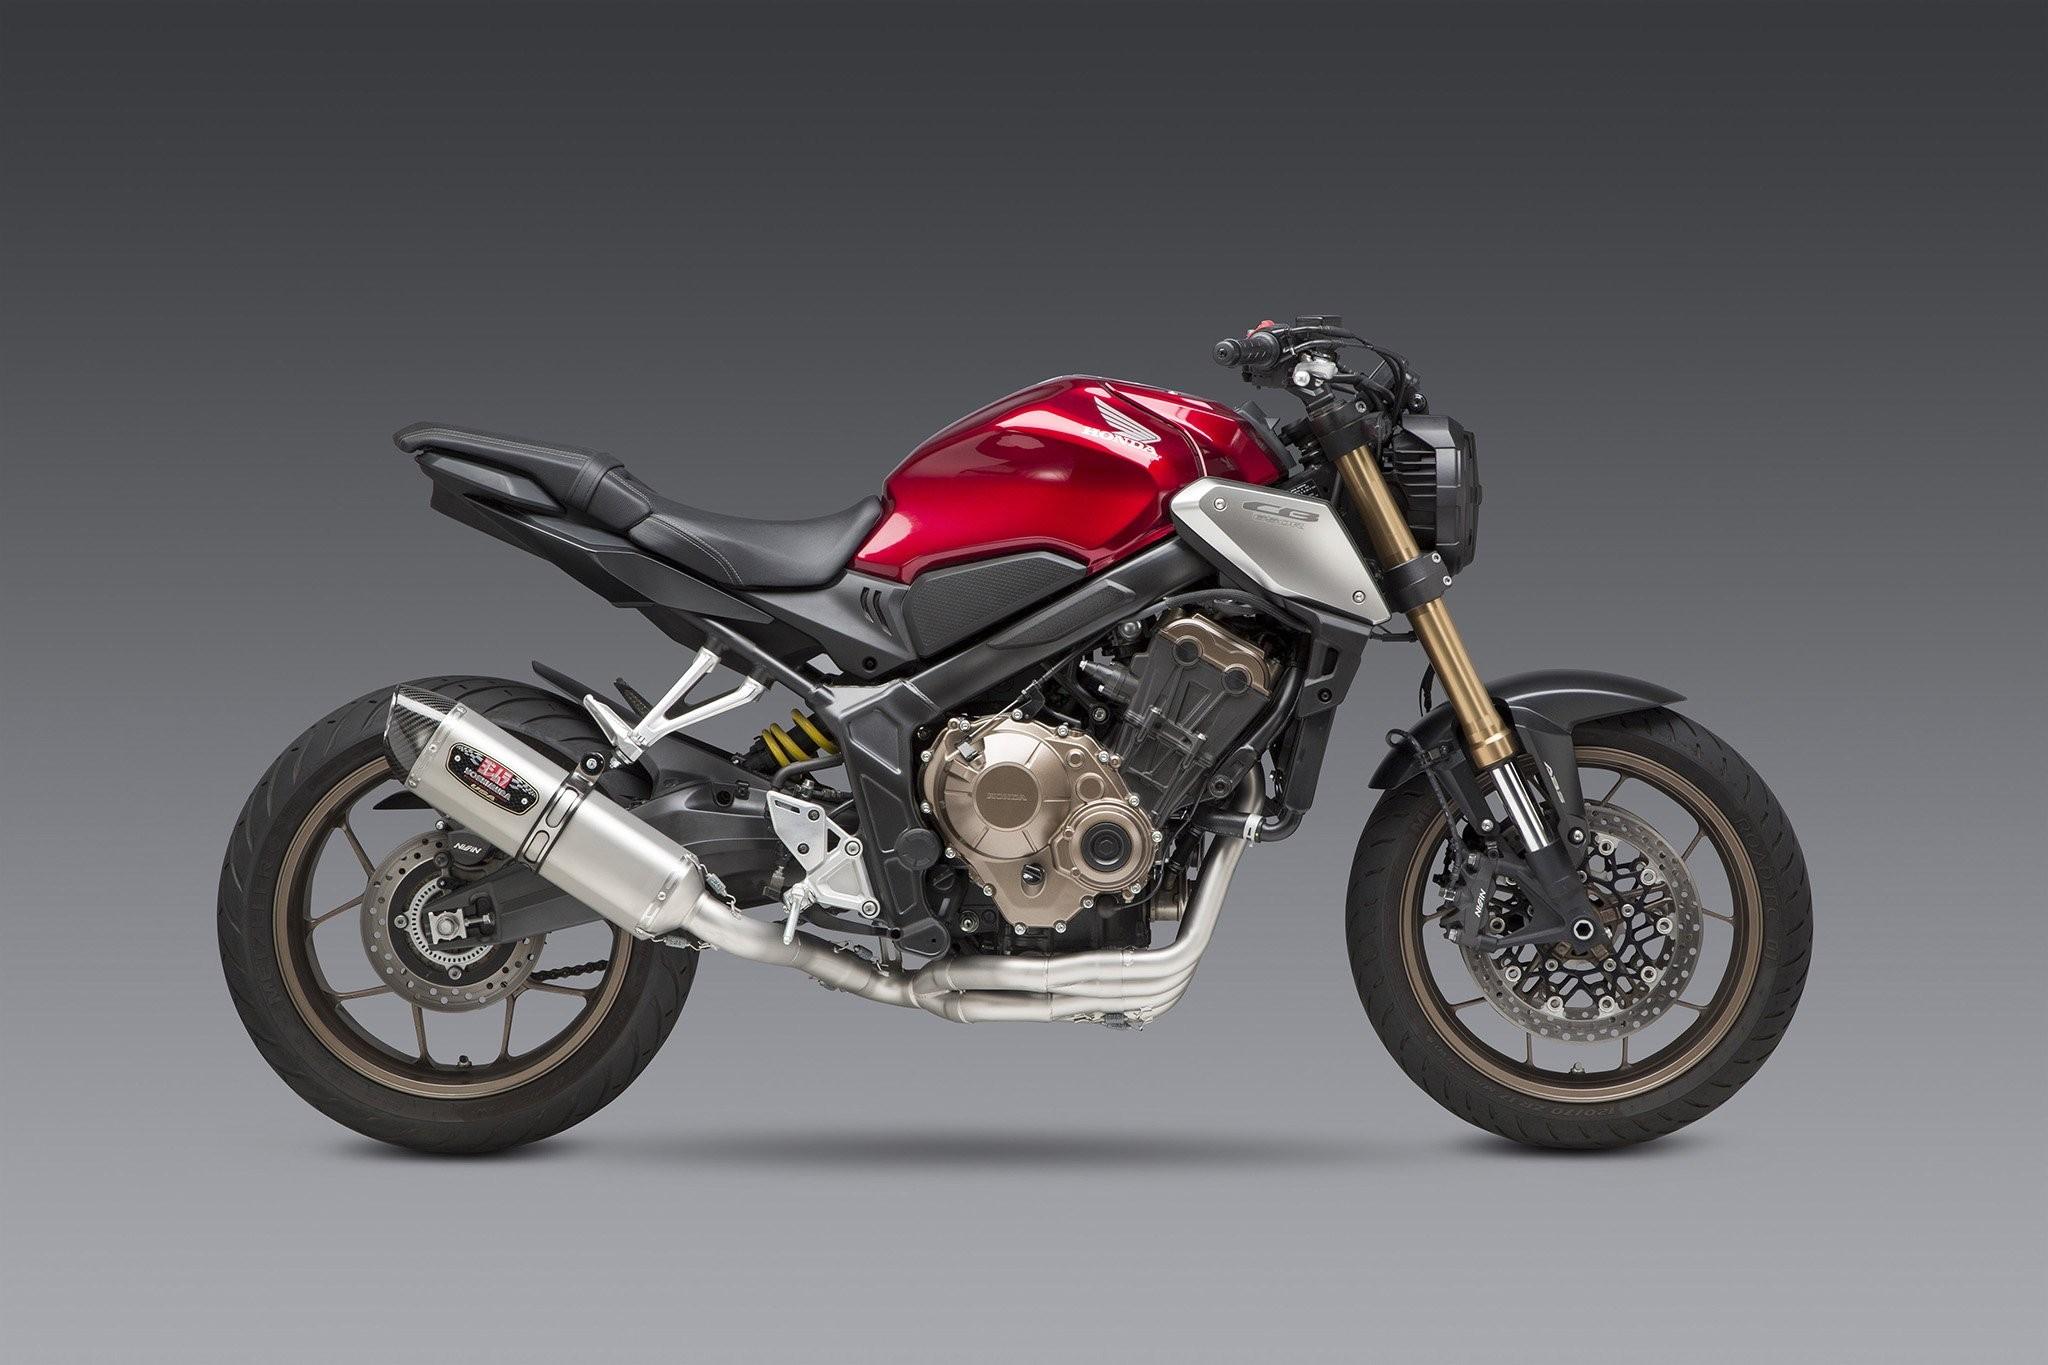 For Honda CBR650F 14-18 CBR1000RR 04-11 CTX700 14-17 Red Crossrunner 11-14 Motorcycle Speed Gear Indicator Display Holde